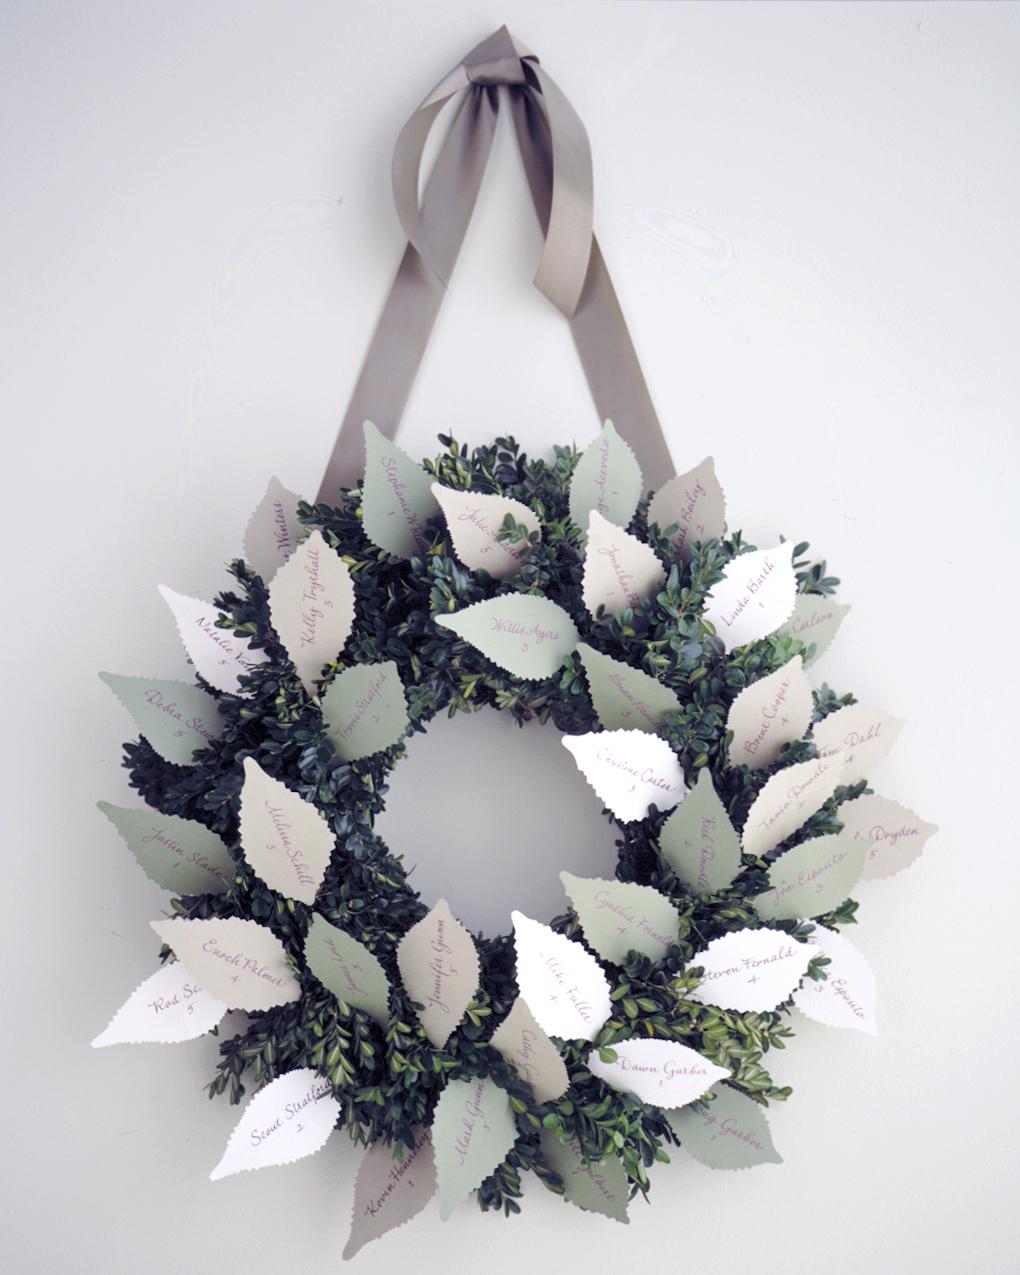 diy-winter-wedding-ideas-escortcard-wreath-1114.jpg